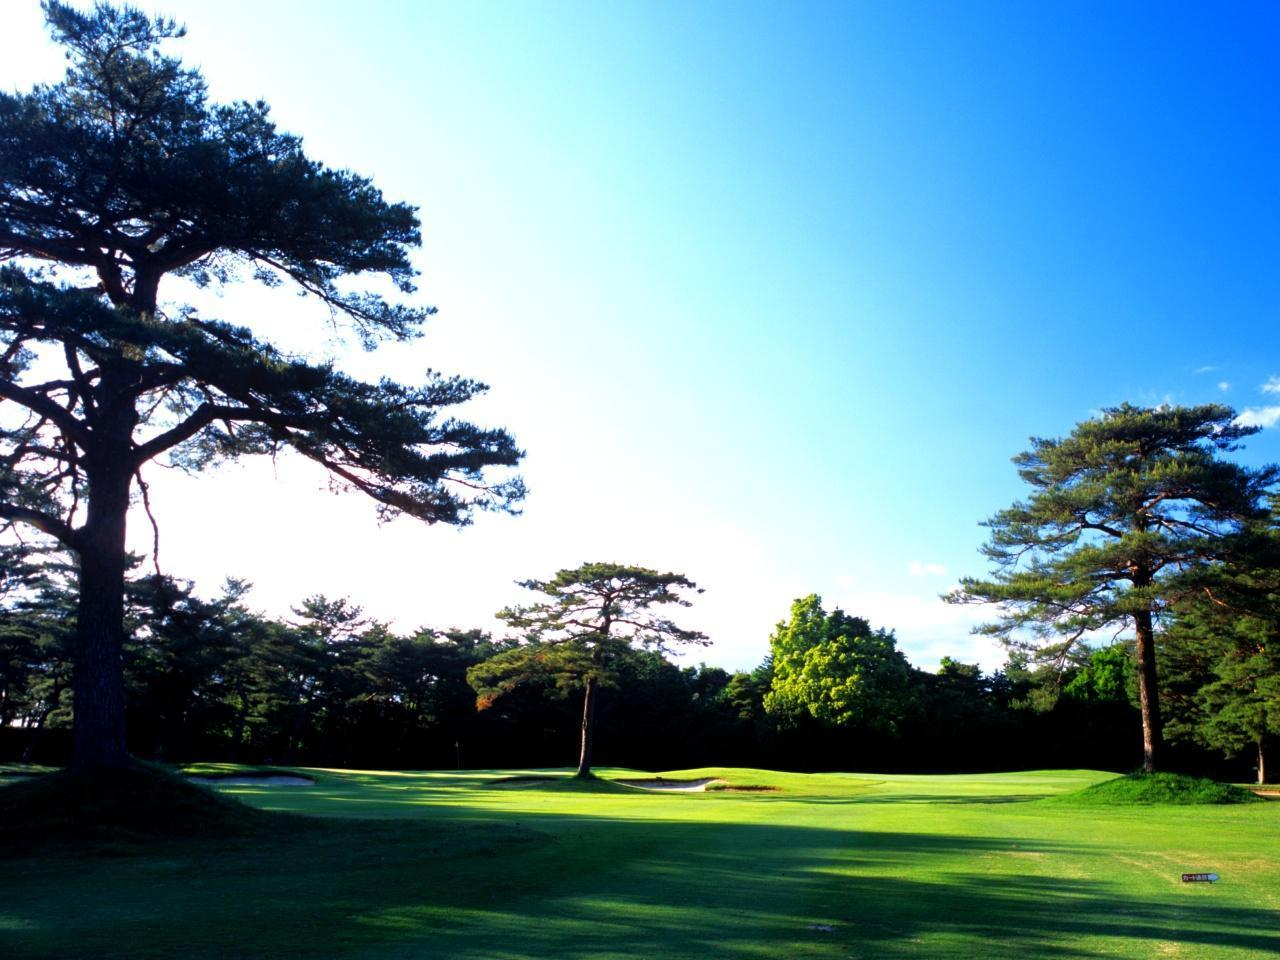 画像: 【茨城・江戸崎カントリー倶楽部】赤松の林間チャンピオンコース。一度も松に当てず回れたら、かなりのショット巧者です! - ゴルフへ行こうWEB by ゴルフダイジェスト